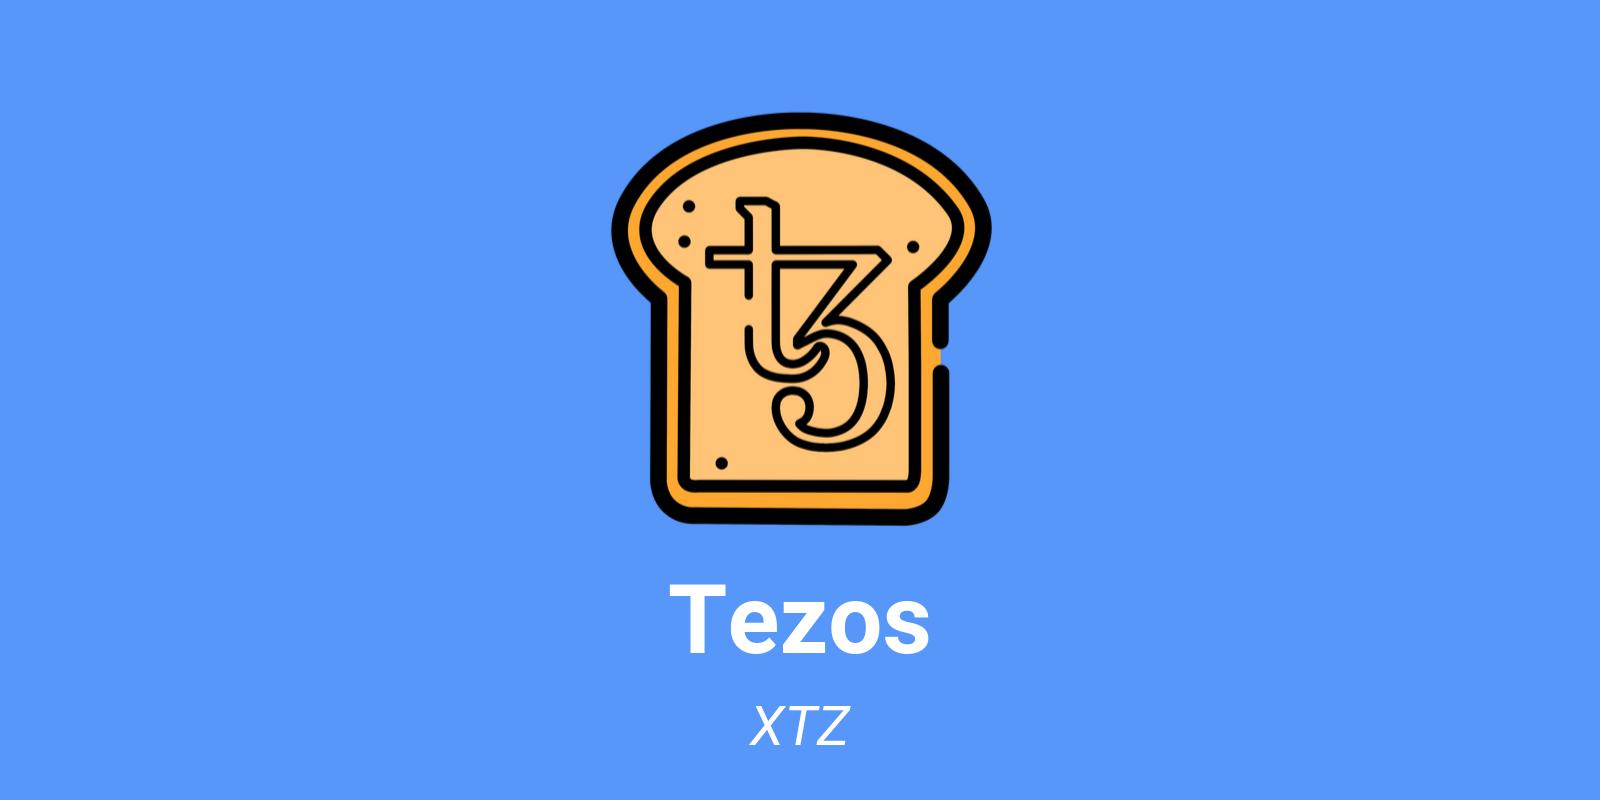 Tezos XTZ